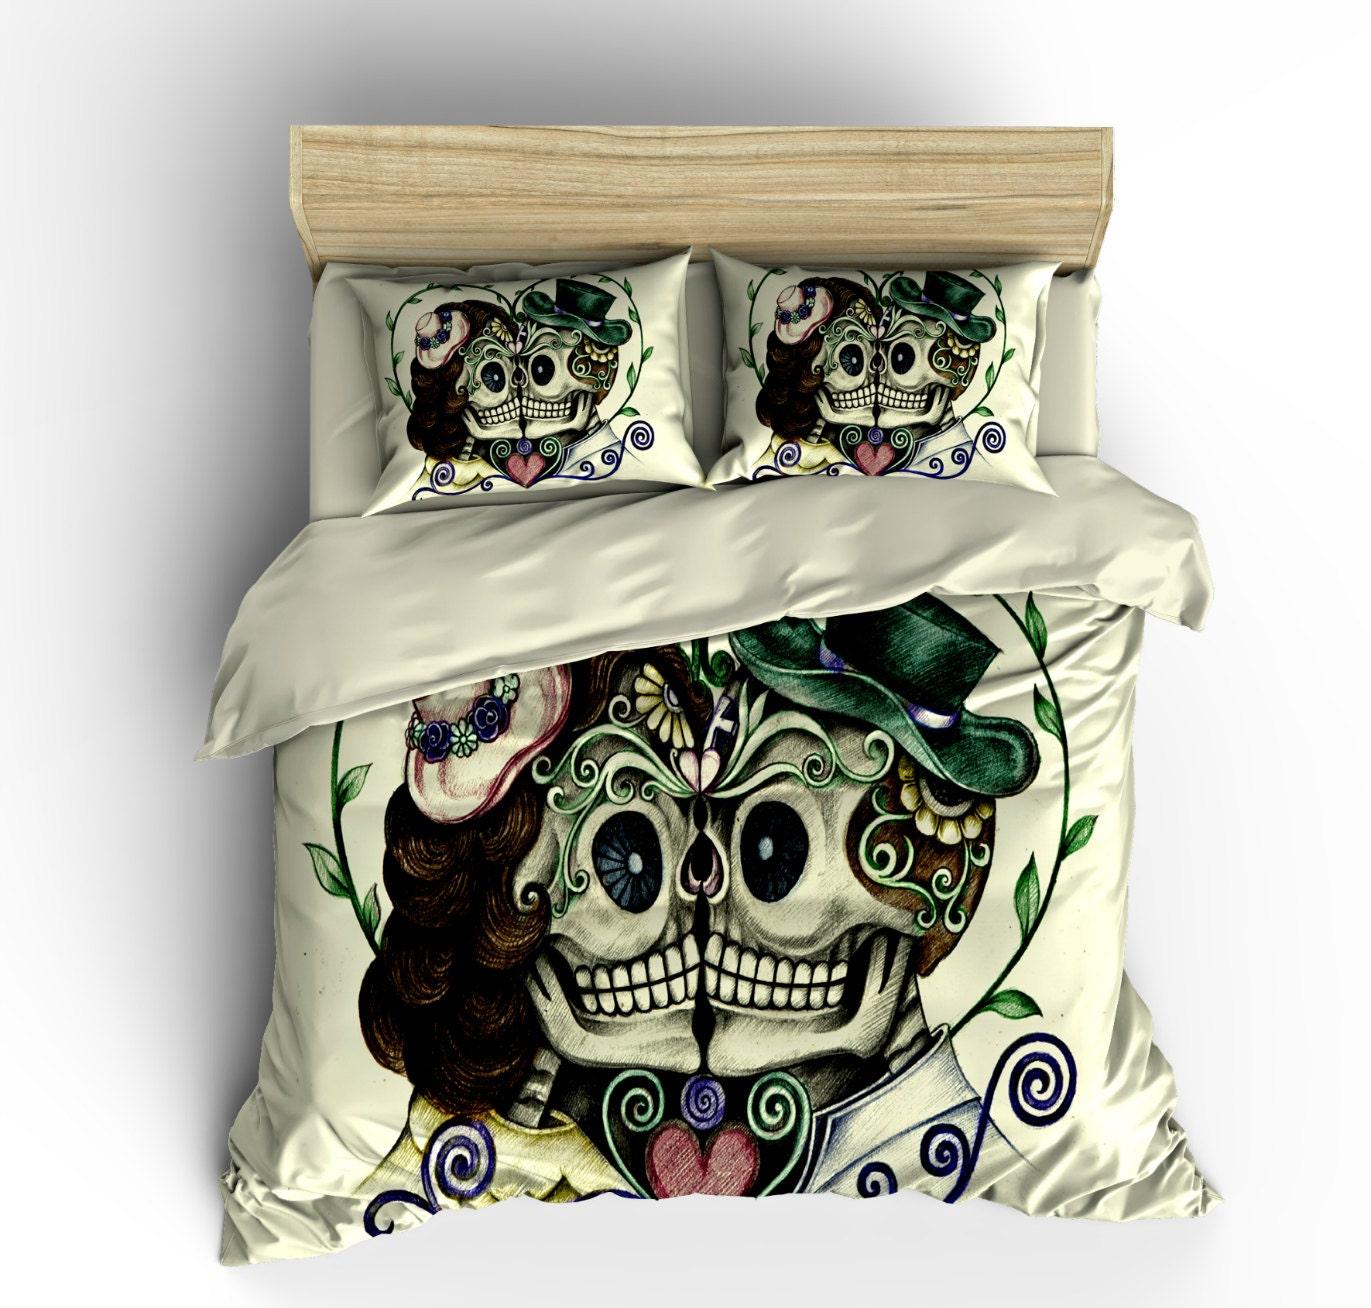 Skull Bedding Sugar Skull Duvet Cover Set Forever by